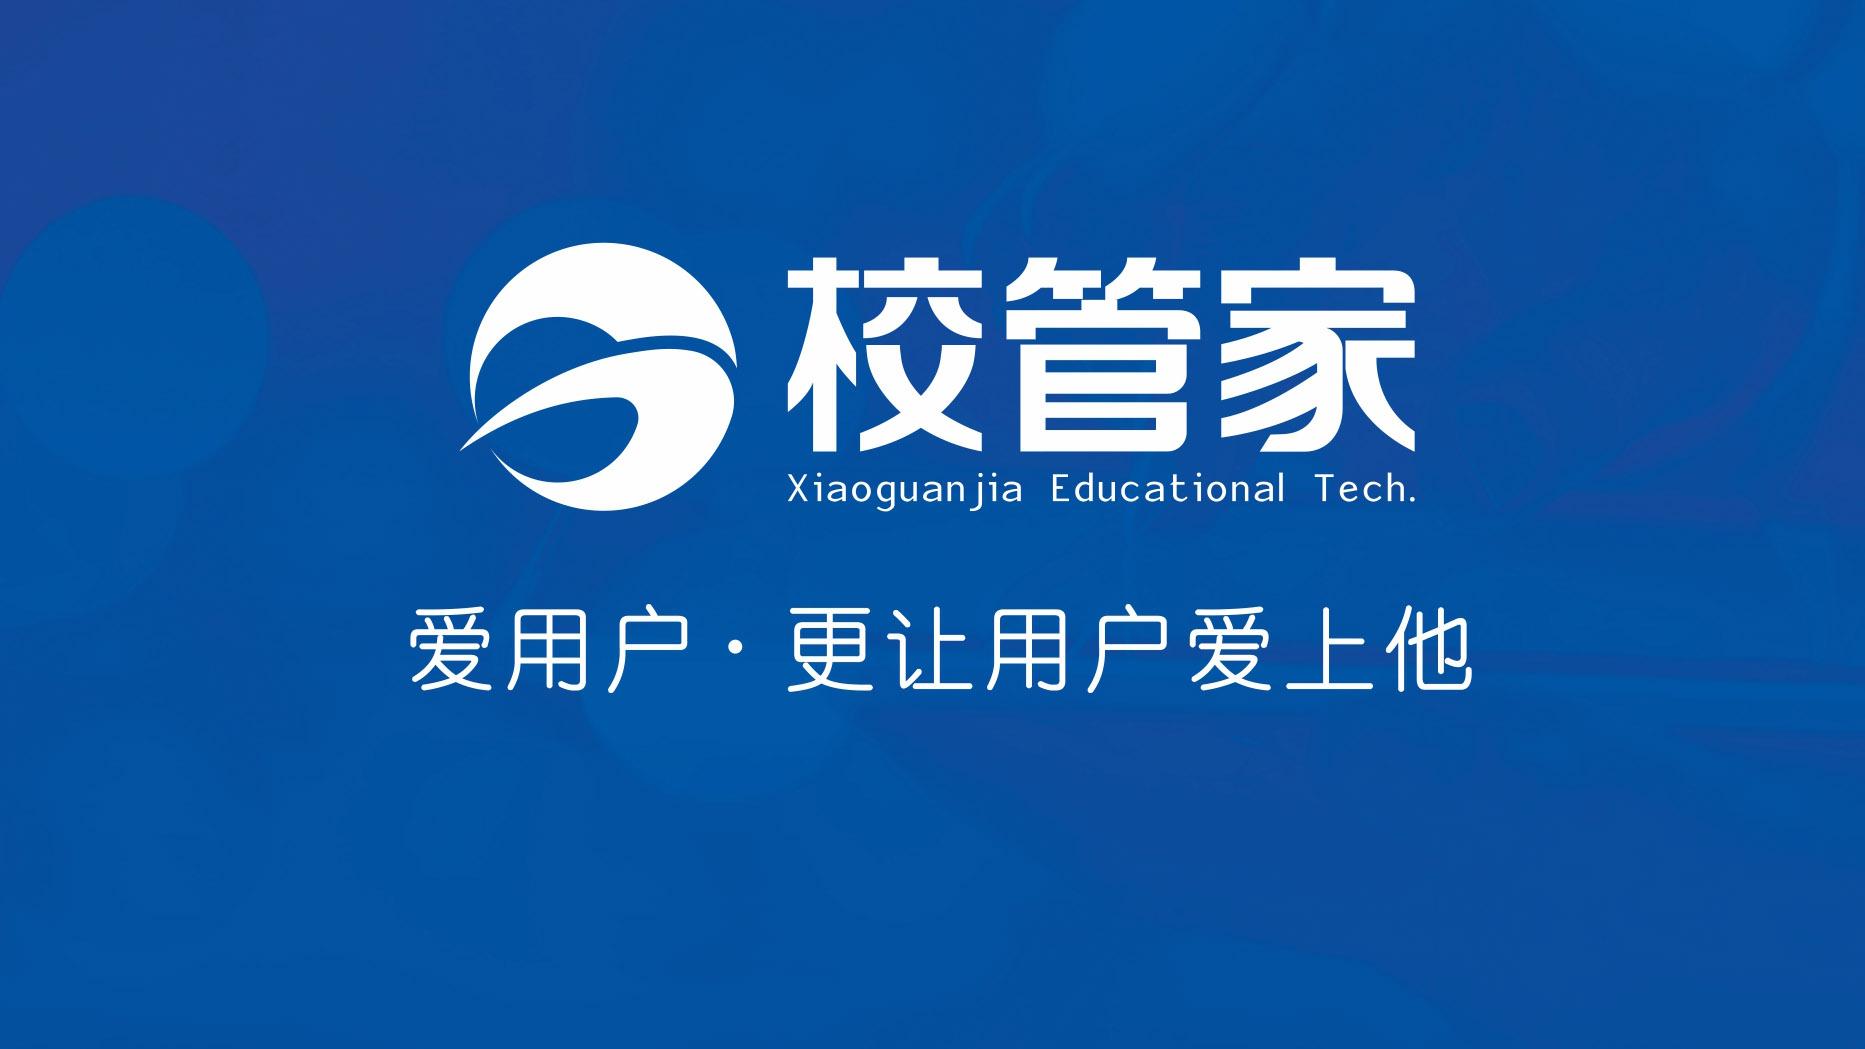 培训crm管理系统_编程开发软件厂家-长沙市校管家教育科技有限公司